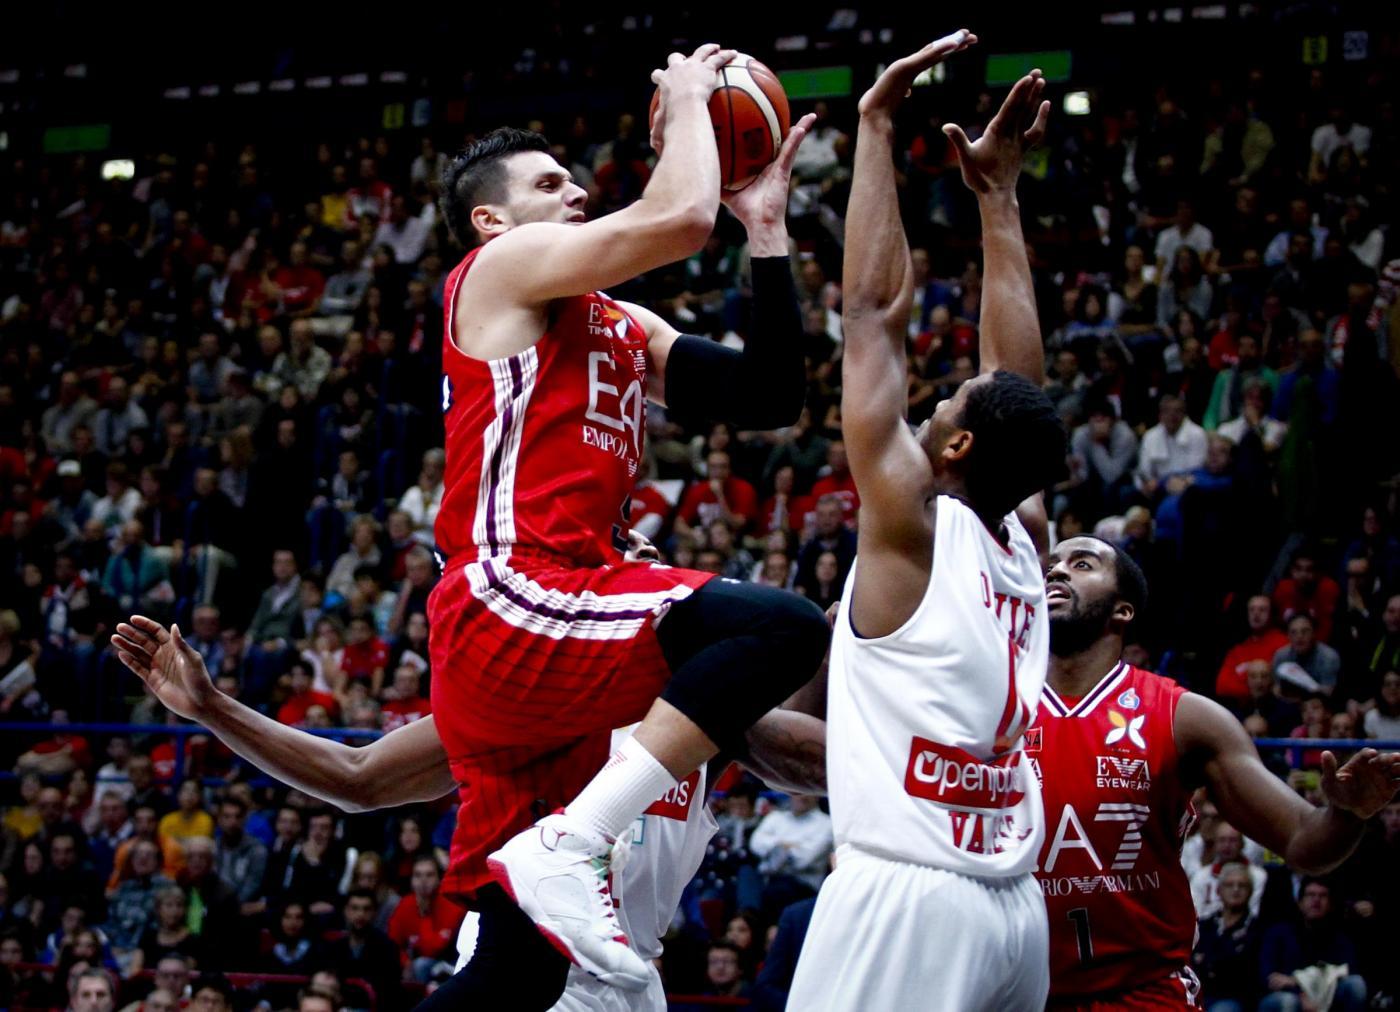 Olimpia Armani Milano vs Openjobmetis Varese - Basket 2015/2016